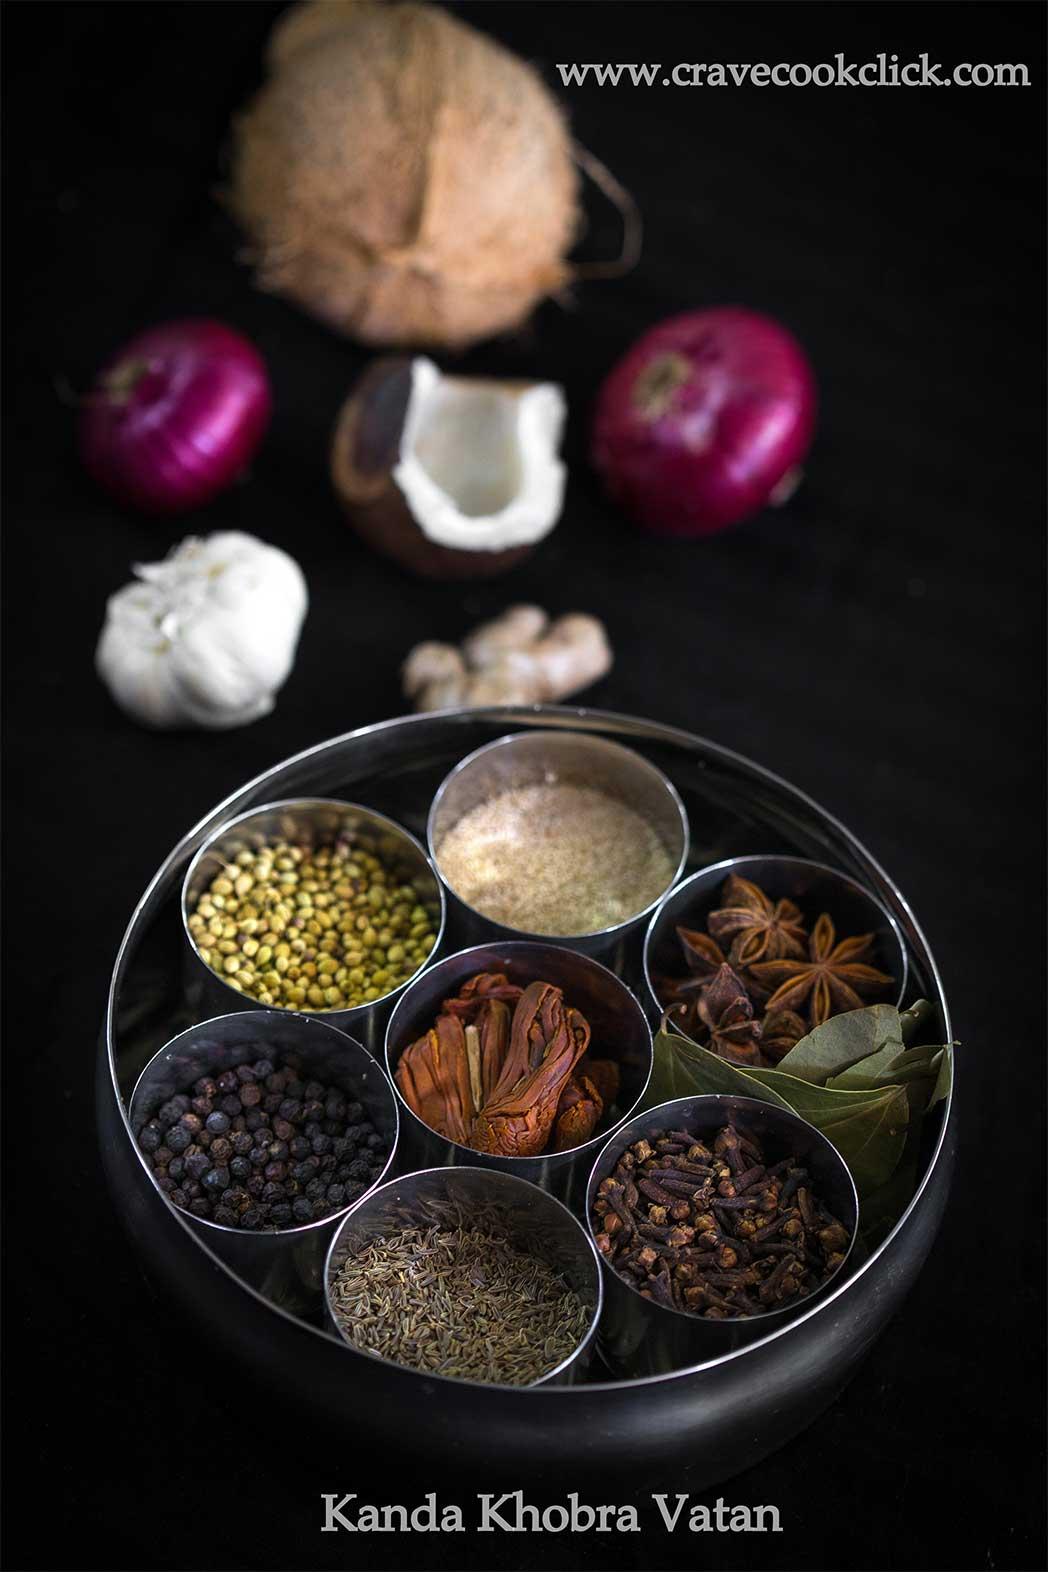 Kanda Khobra Vatan Recipe